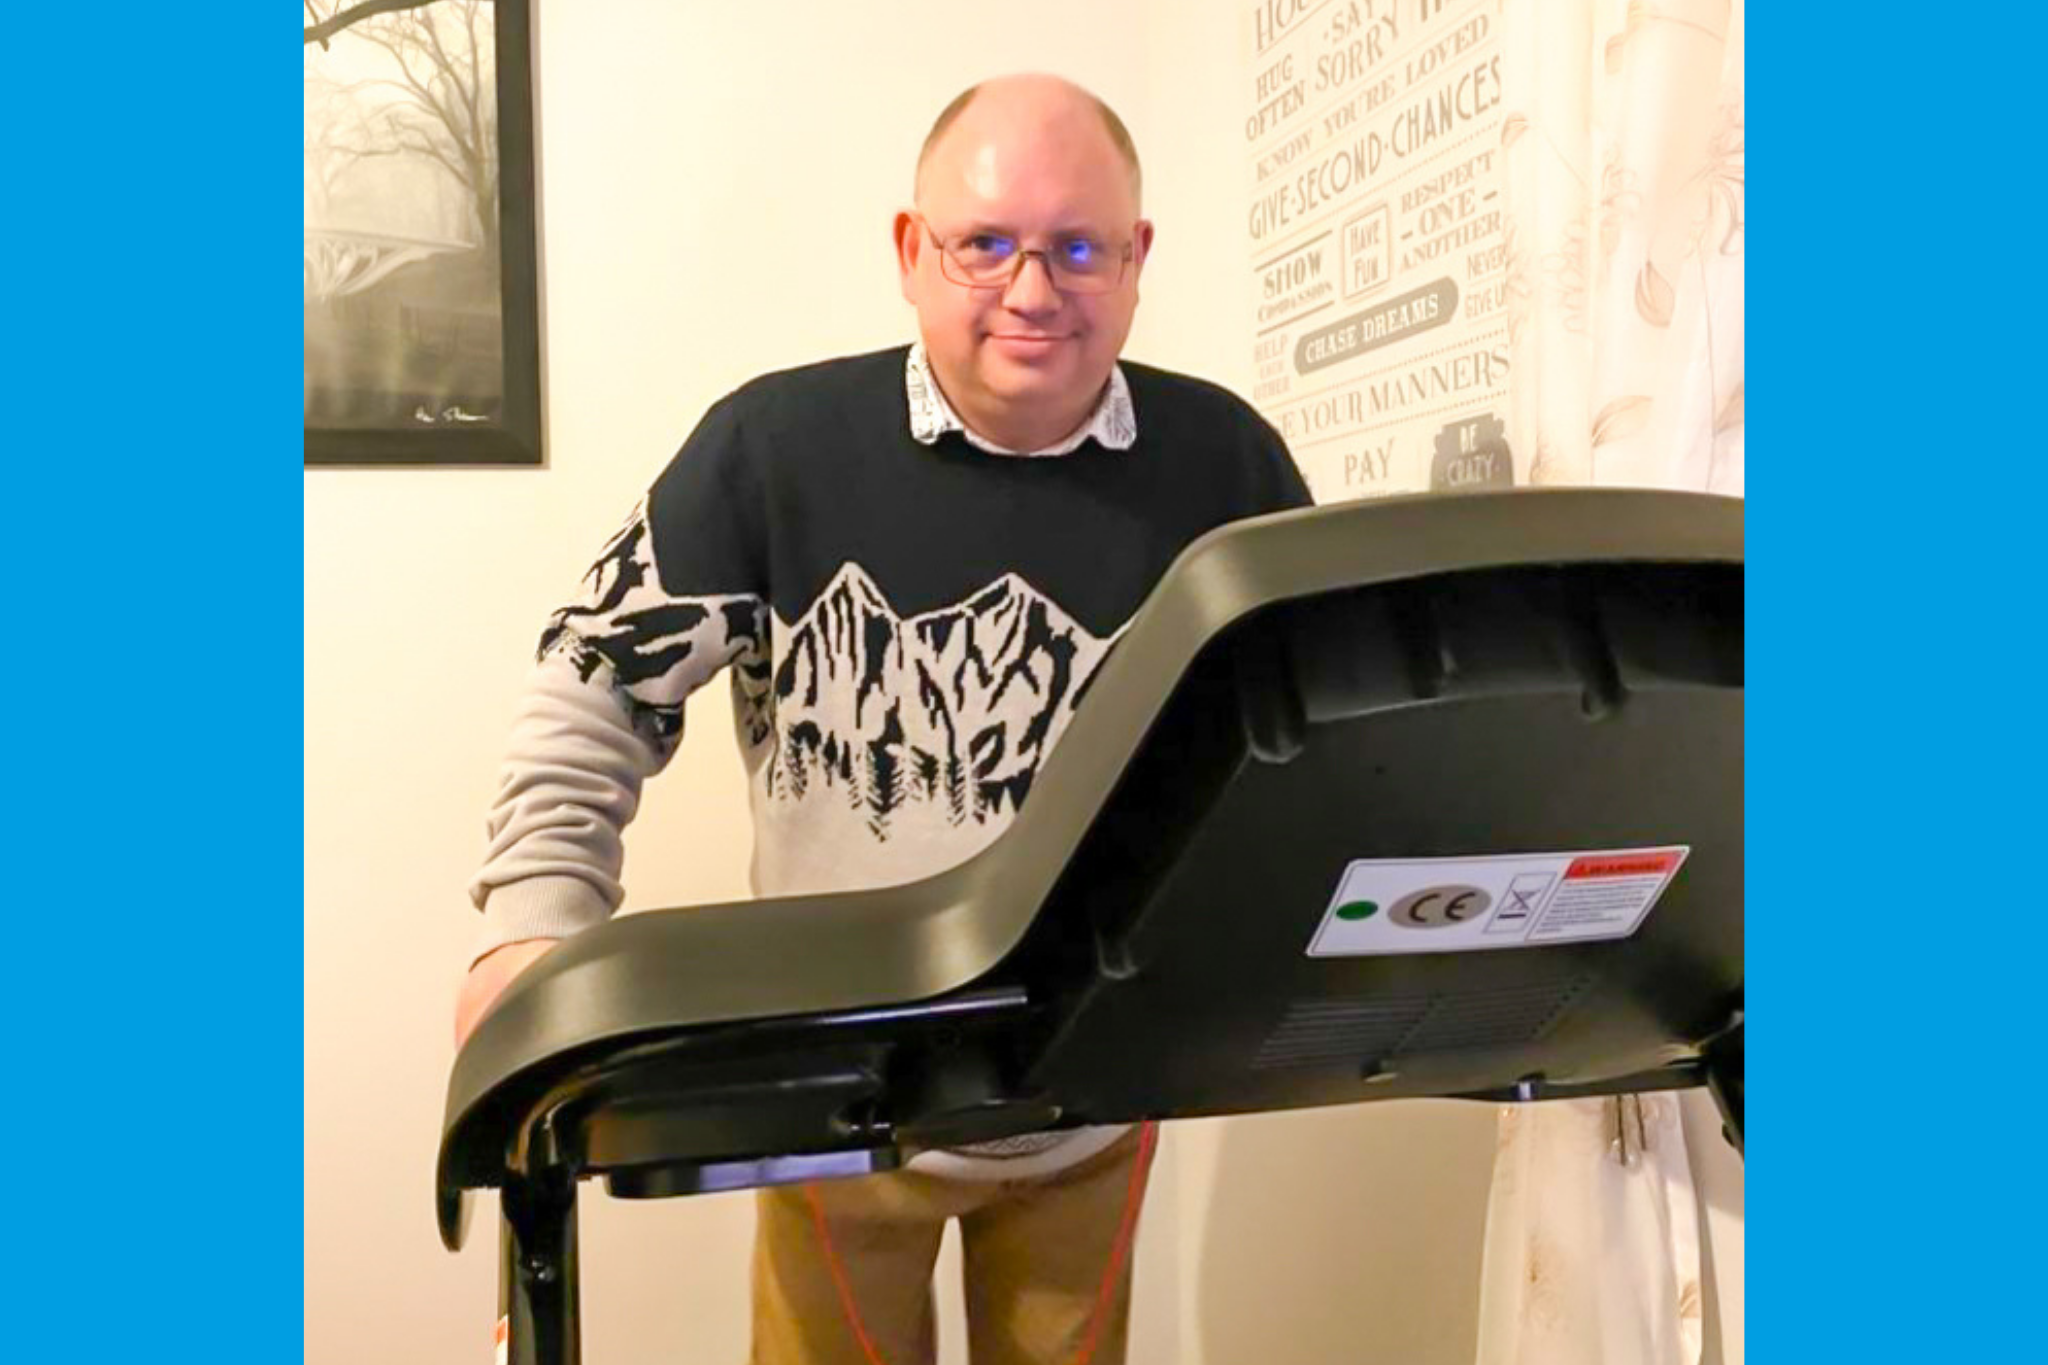 brian diabetes treadmills beats liverpool